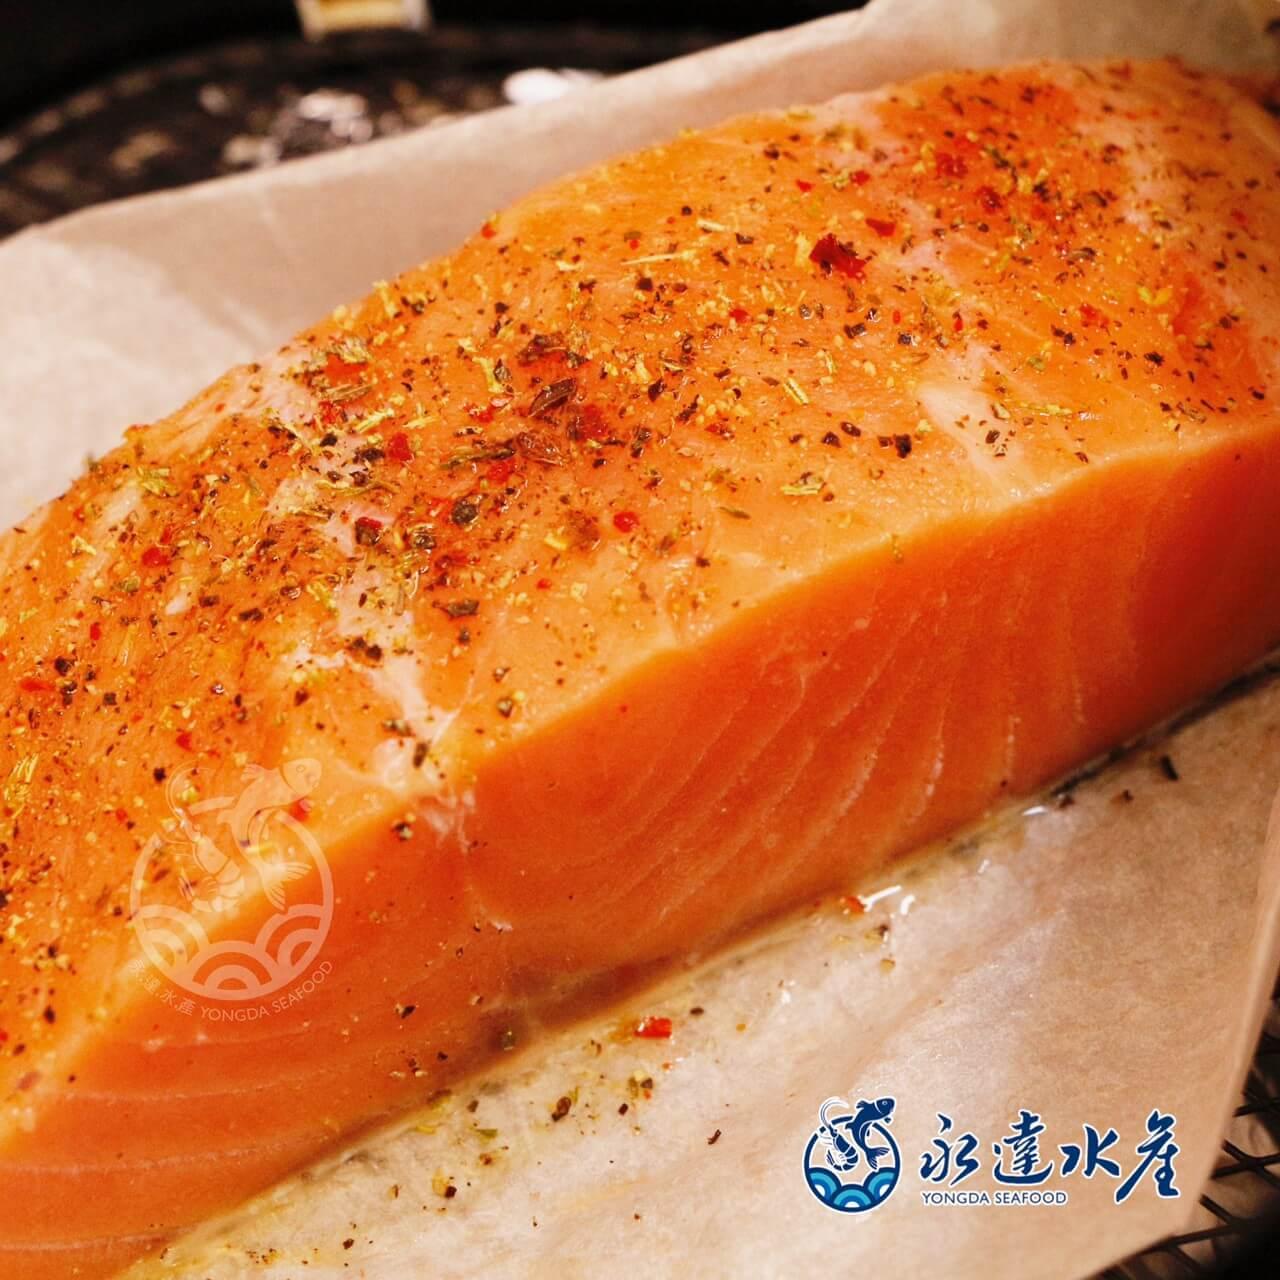 水產|海鮮|鮭魚菲力|鮭魚|三文魚|魚肉|魚|魚片|魚塊|OMEGA-3